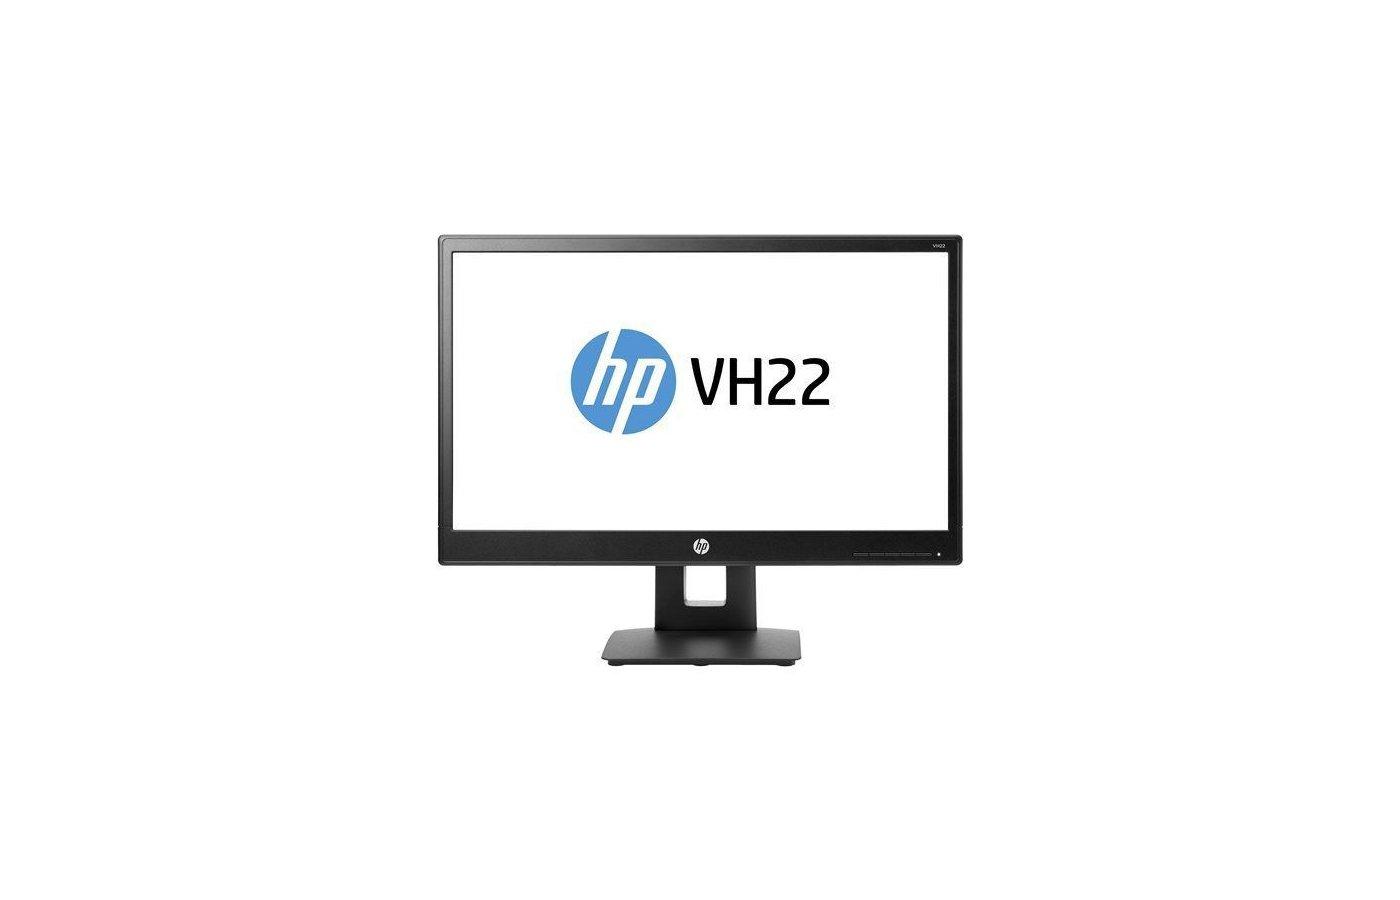 """ЖК-монитор 22"""" HP VH22 /X0N05AA/"""